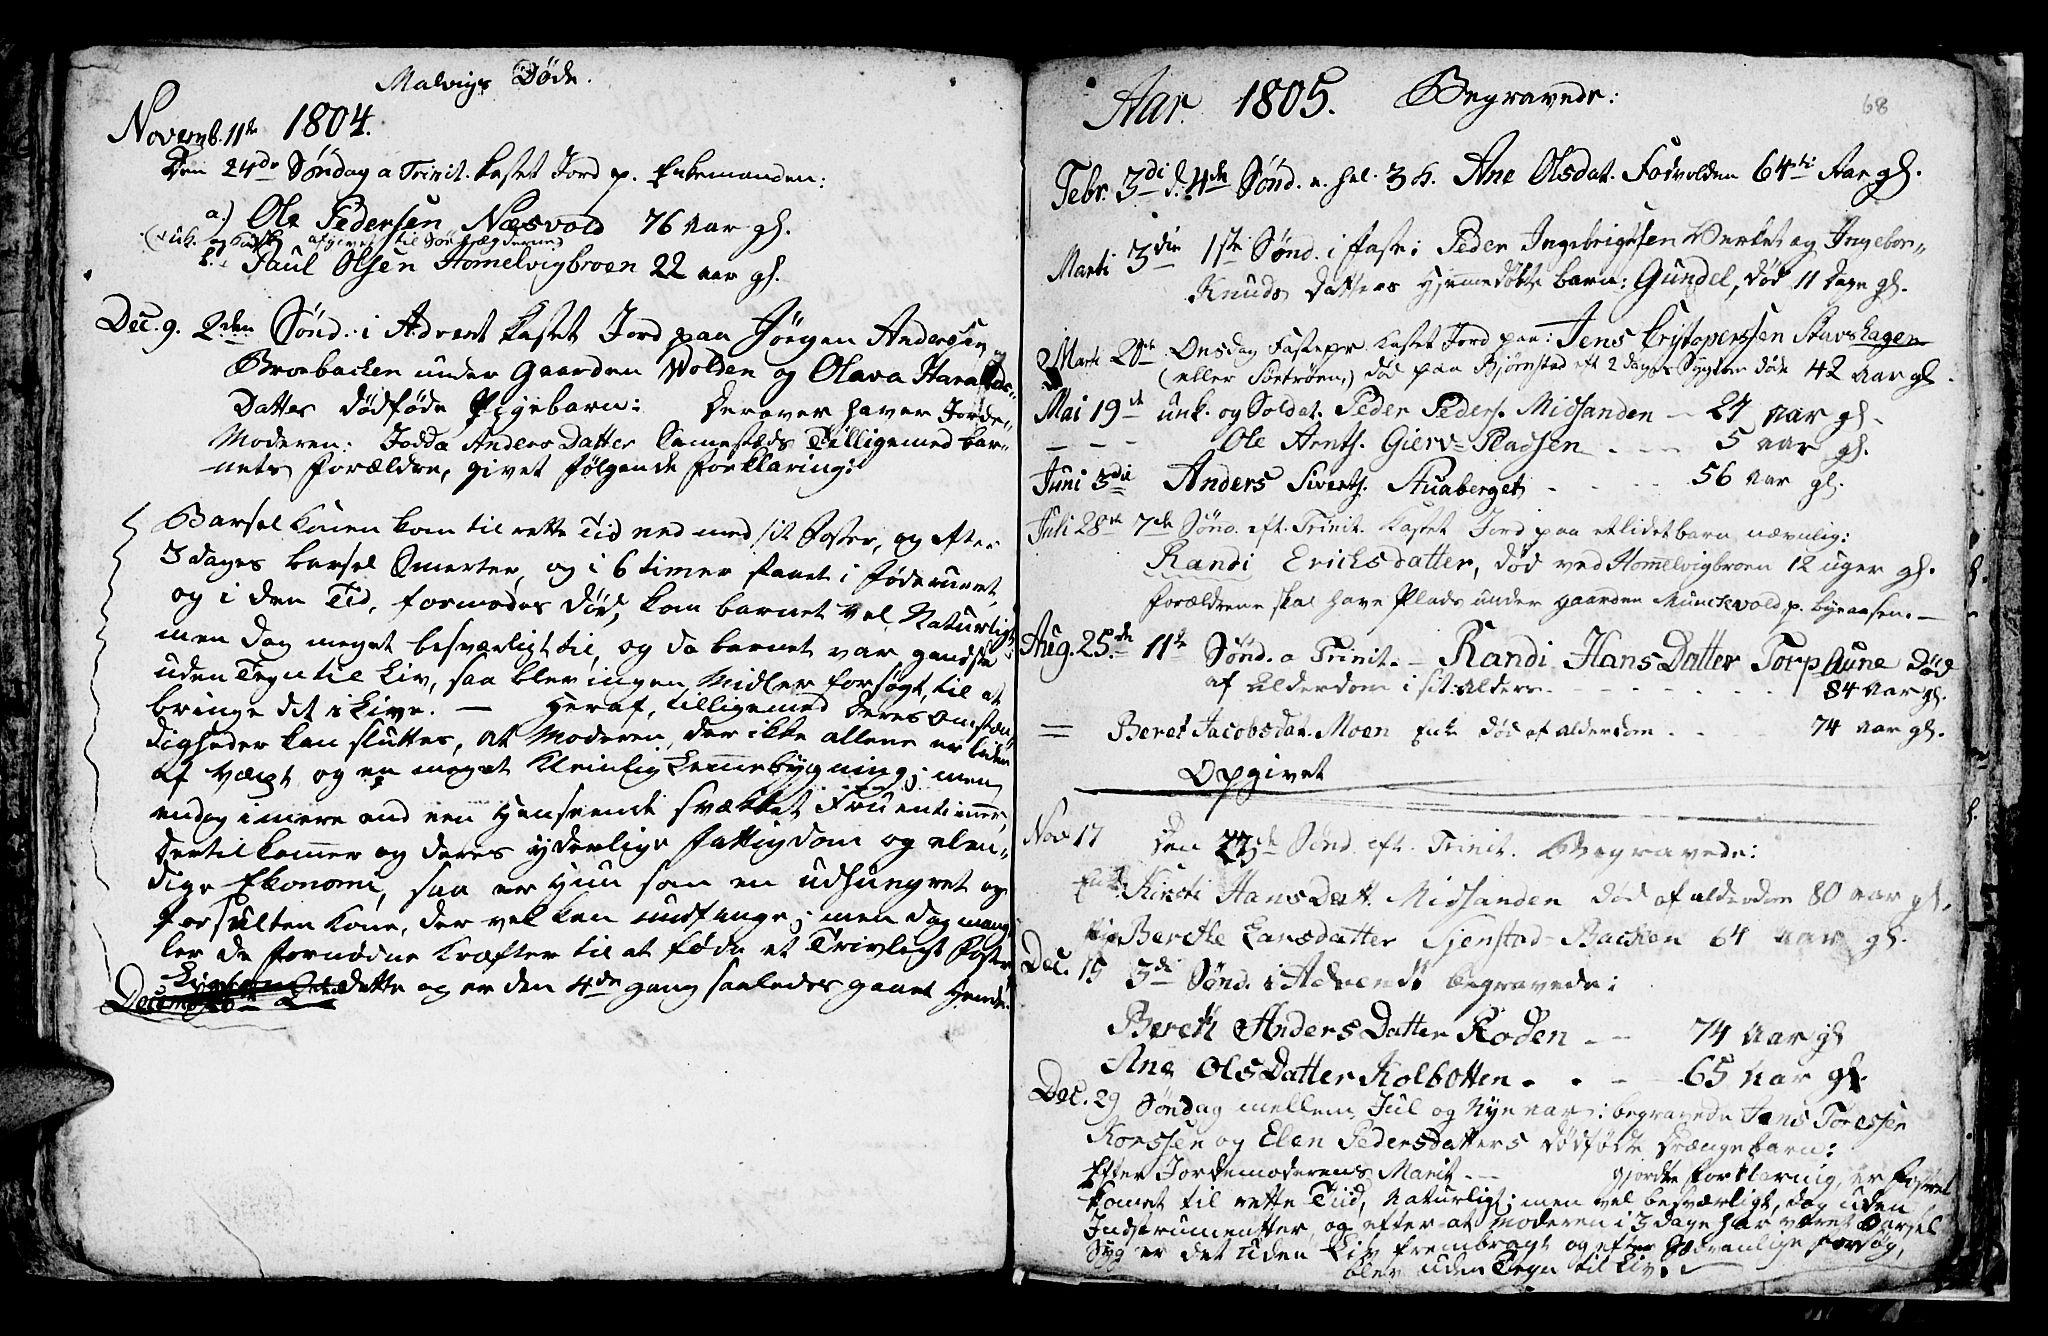 SAT, Ministerialprotokoller, klokkerbøker og fødselsregistre - Sør-Trøndelag, 616/L0419: Klokkerbok nr. 616C02, 1797-1816, s. 68